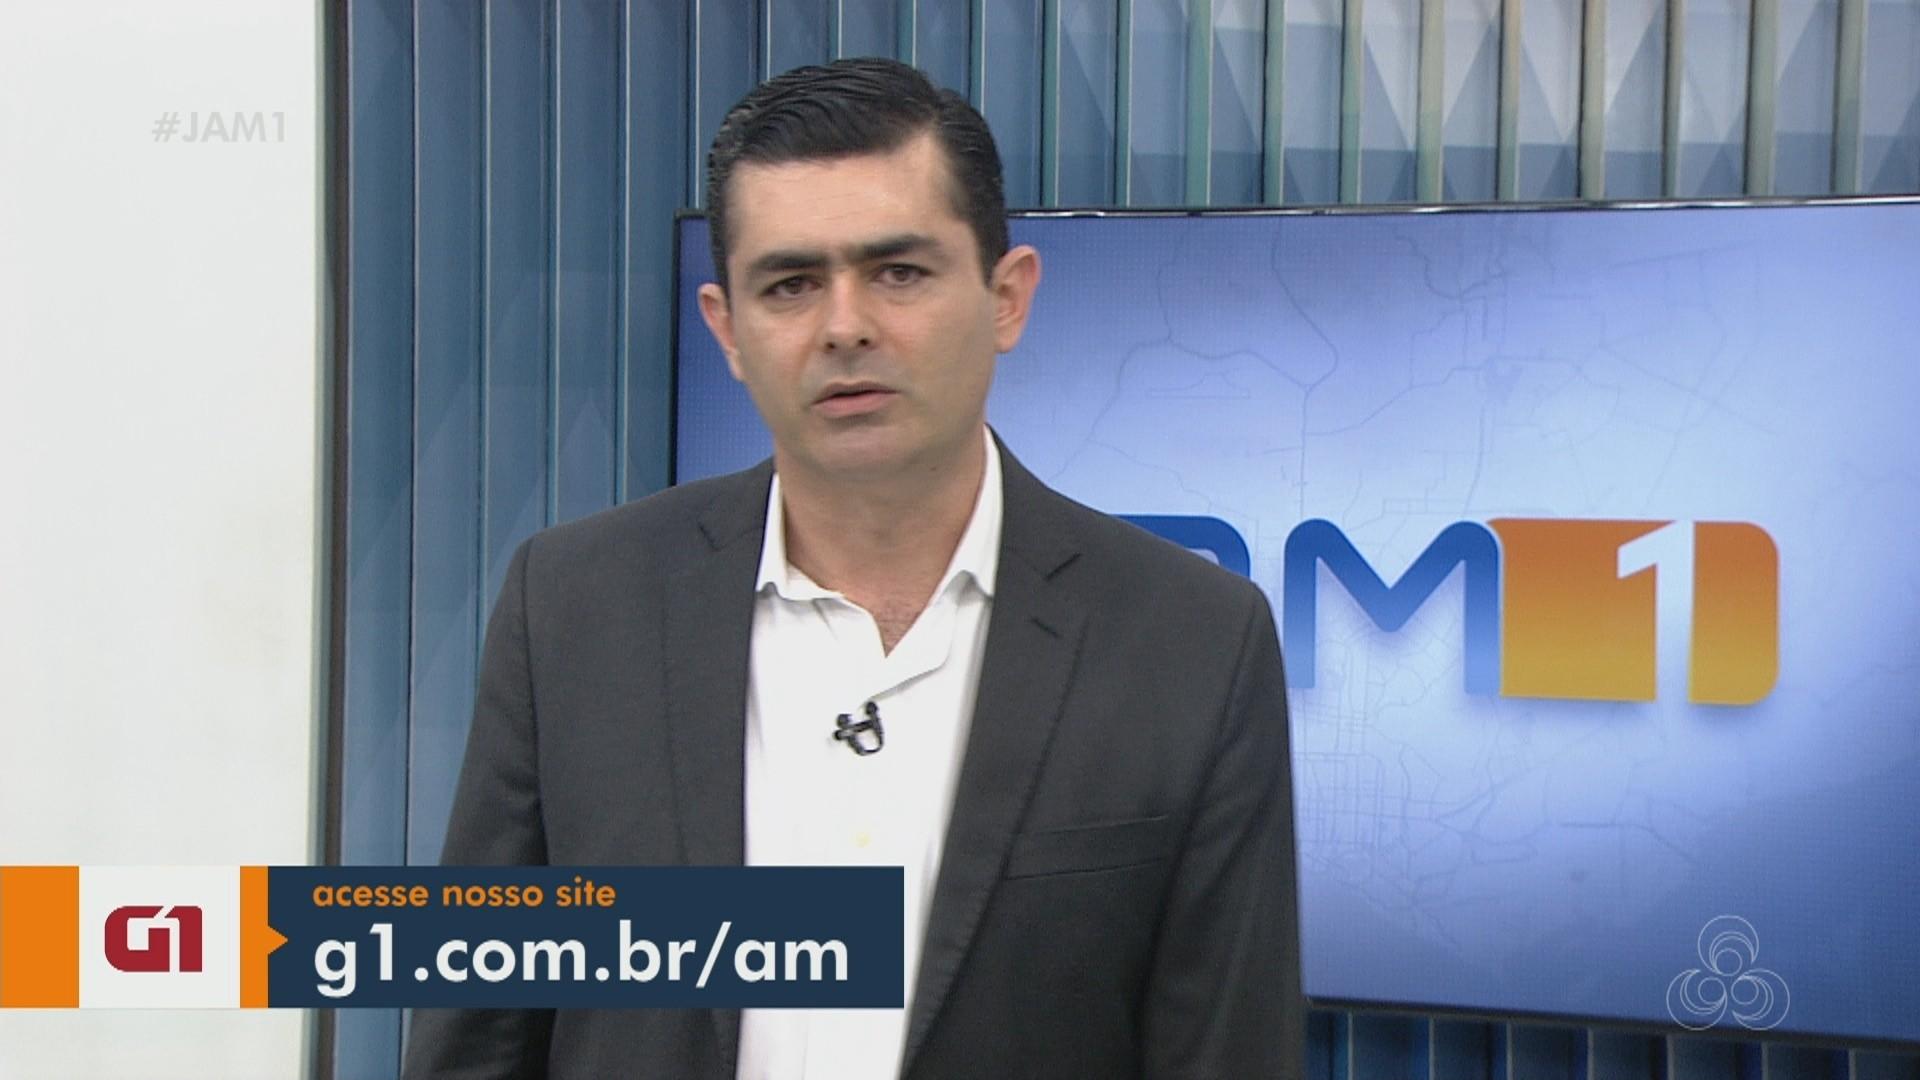 VÍDEOS: Prefeitura de Manaus realiza processo seletivo para temporários da saúde; Veja destaques do JAM 1